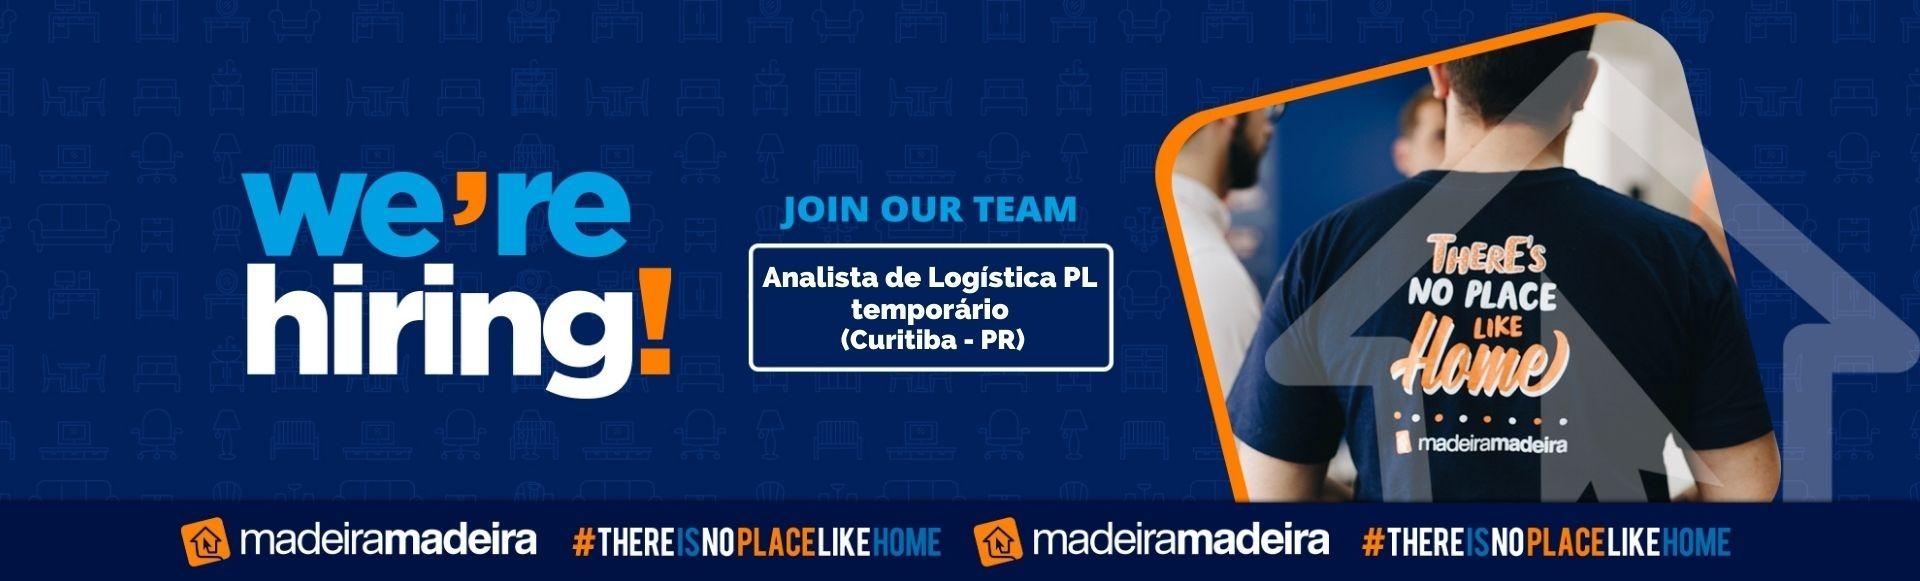 Analista de Logística PL temporário (Curitiba-PR)